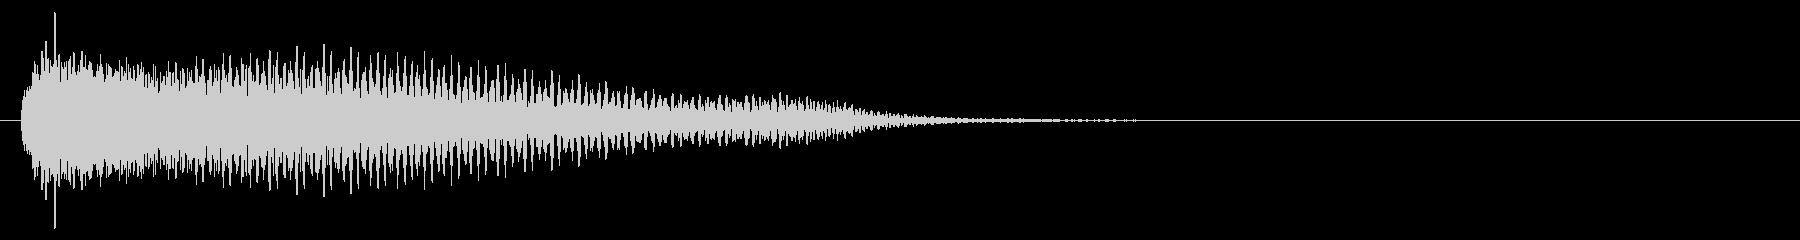 電子音系 タッチ音2(複)の未再生の波形